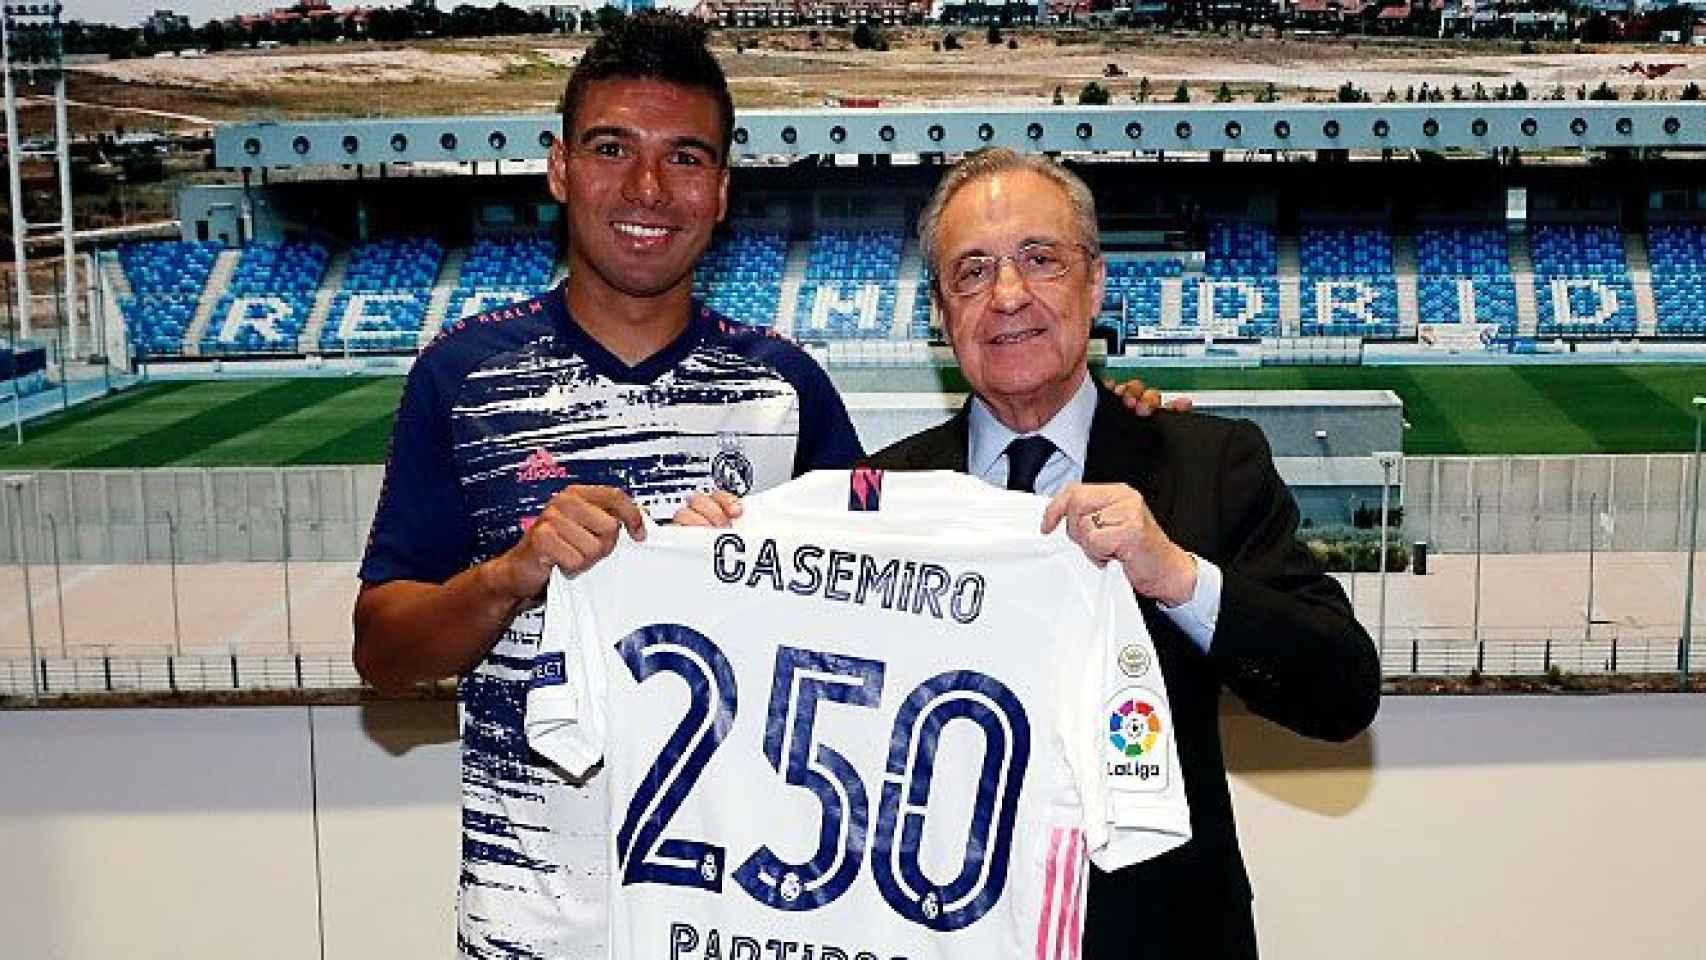 Casemiro y Florentino Pérez, junto a la camiseta conmemorativa de su partido 250 con el Real Madrid